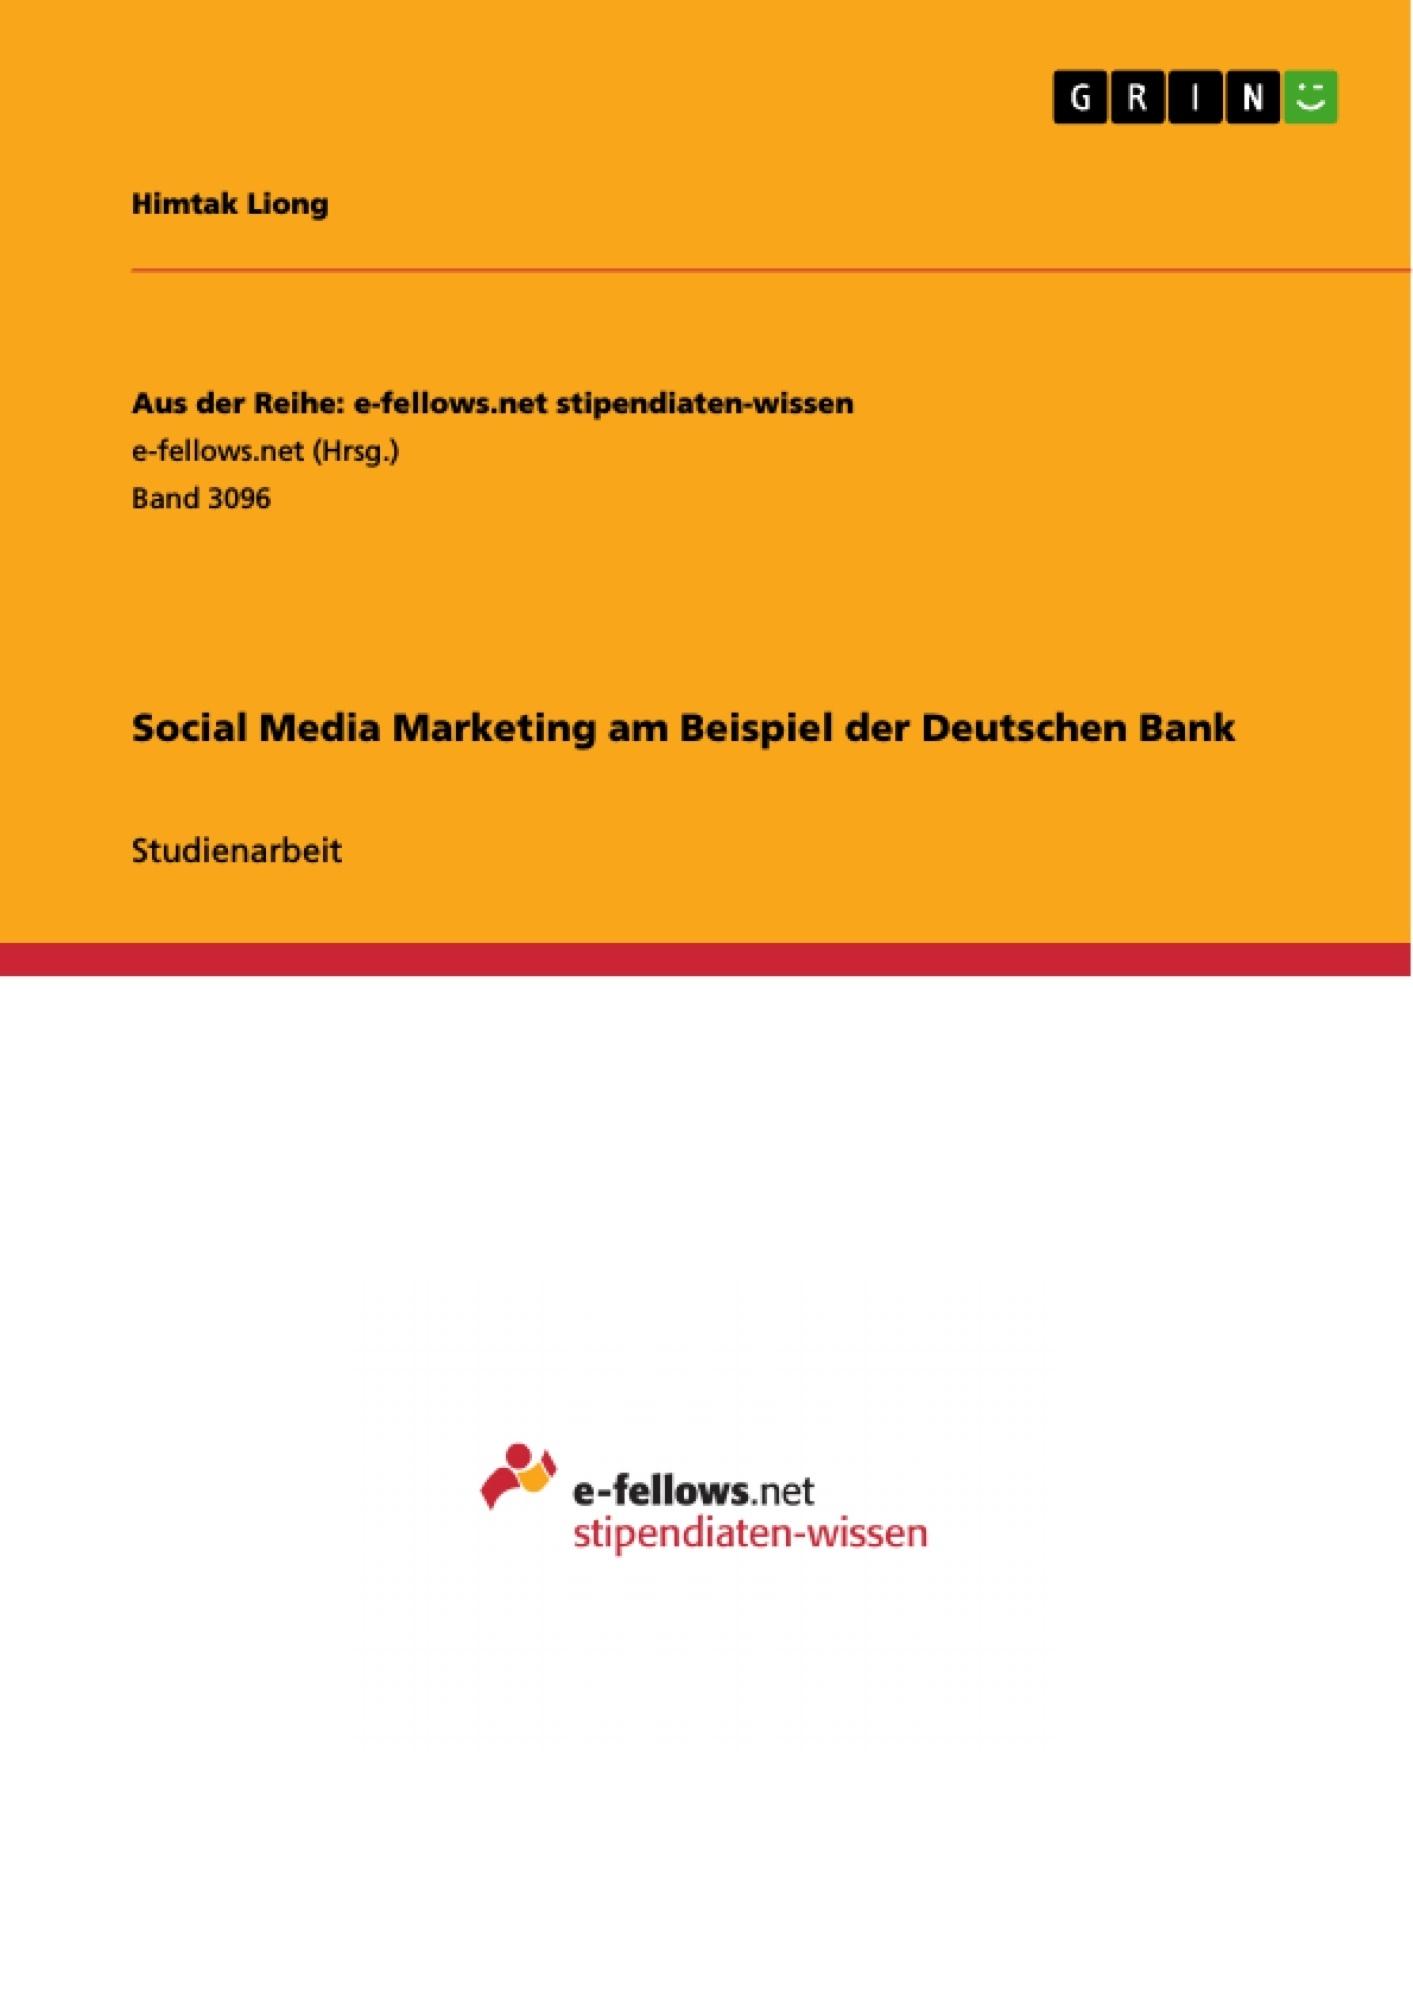 Titel: Social Media Marketing am Beispiel der Deutschen Bank